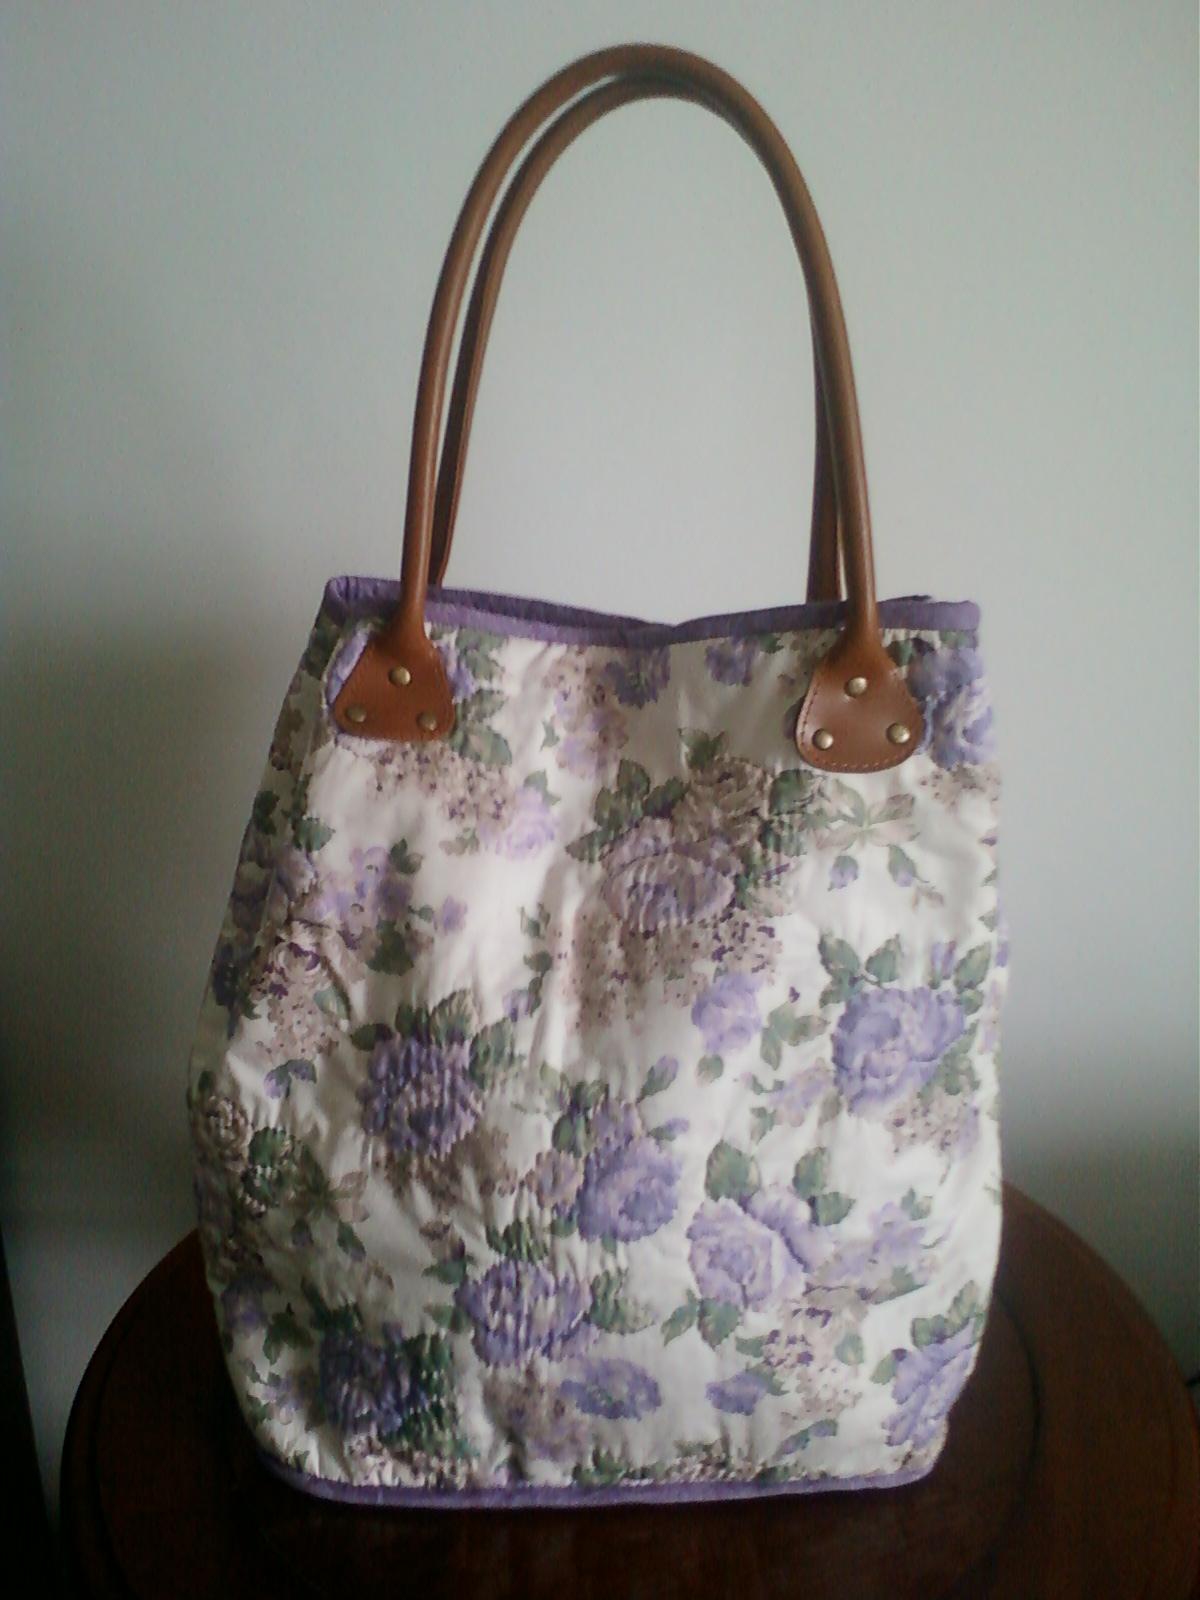 Bolsa De Tecido Quiltada : Arteandoporaqui bolsa de tecido em patchwork